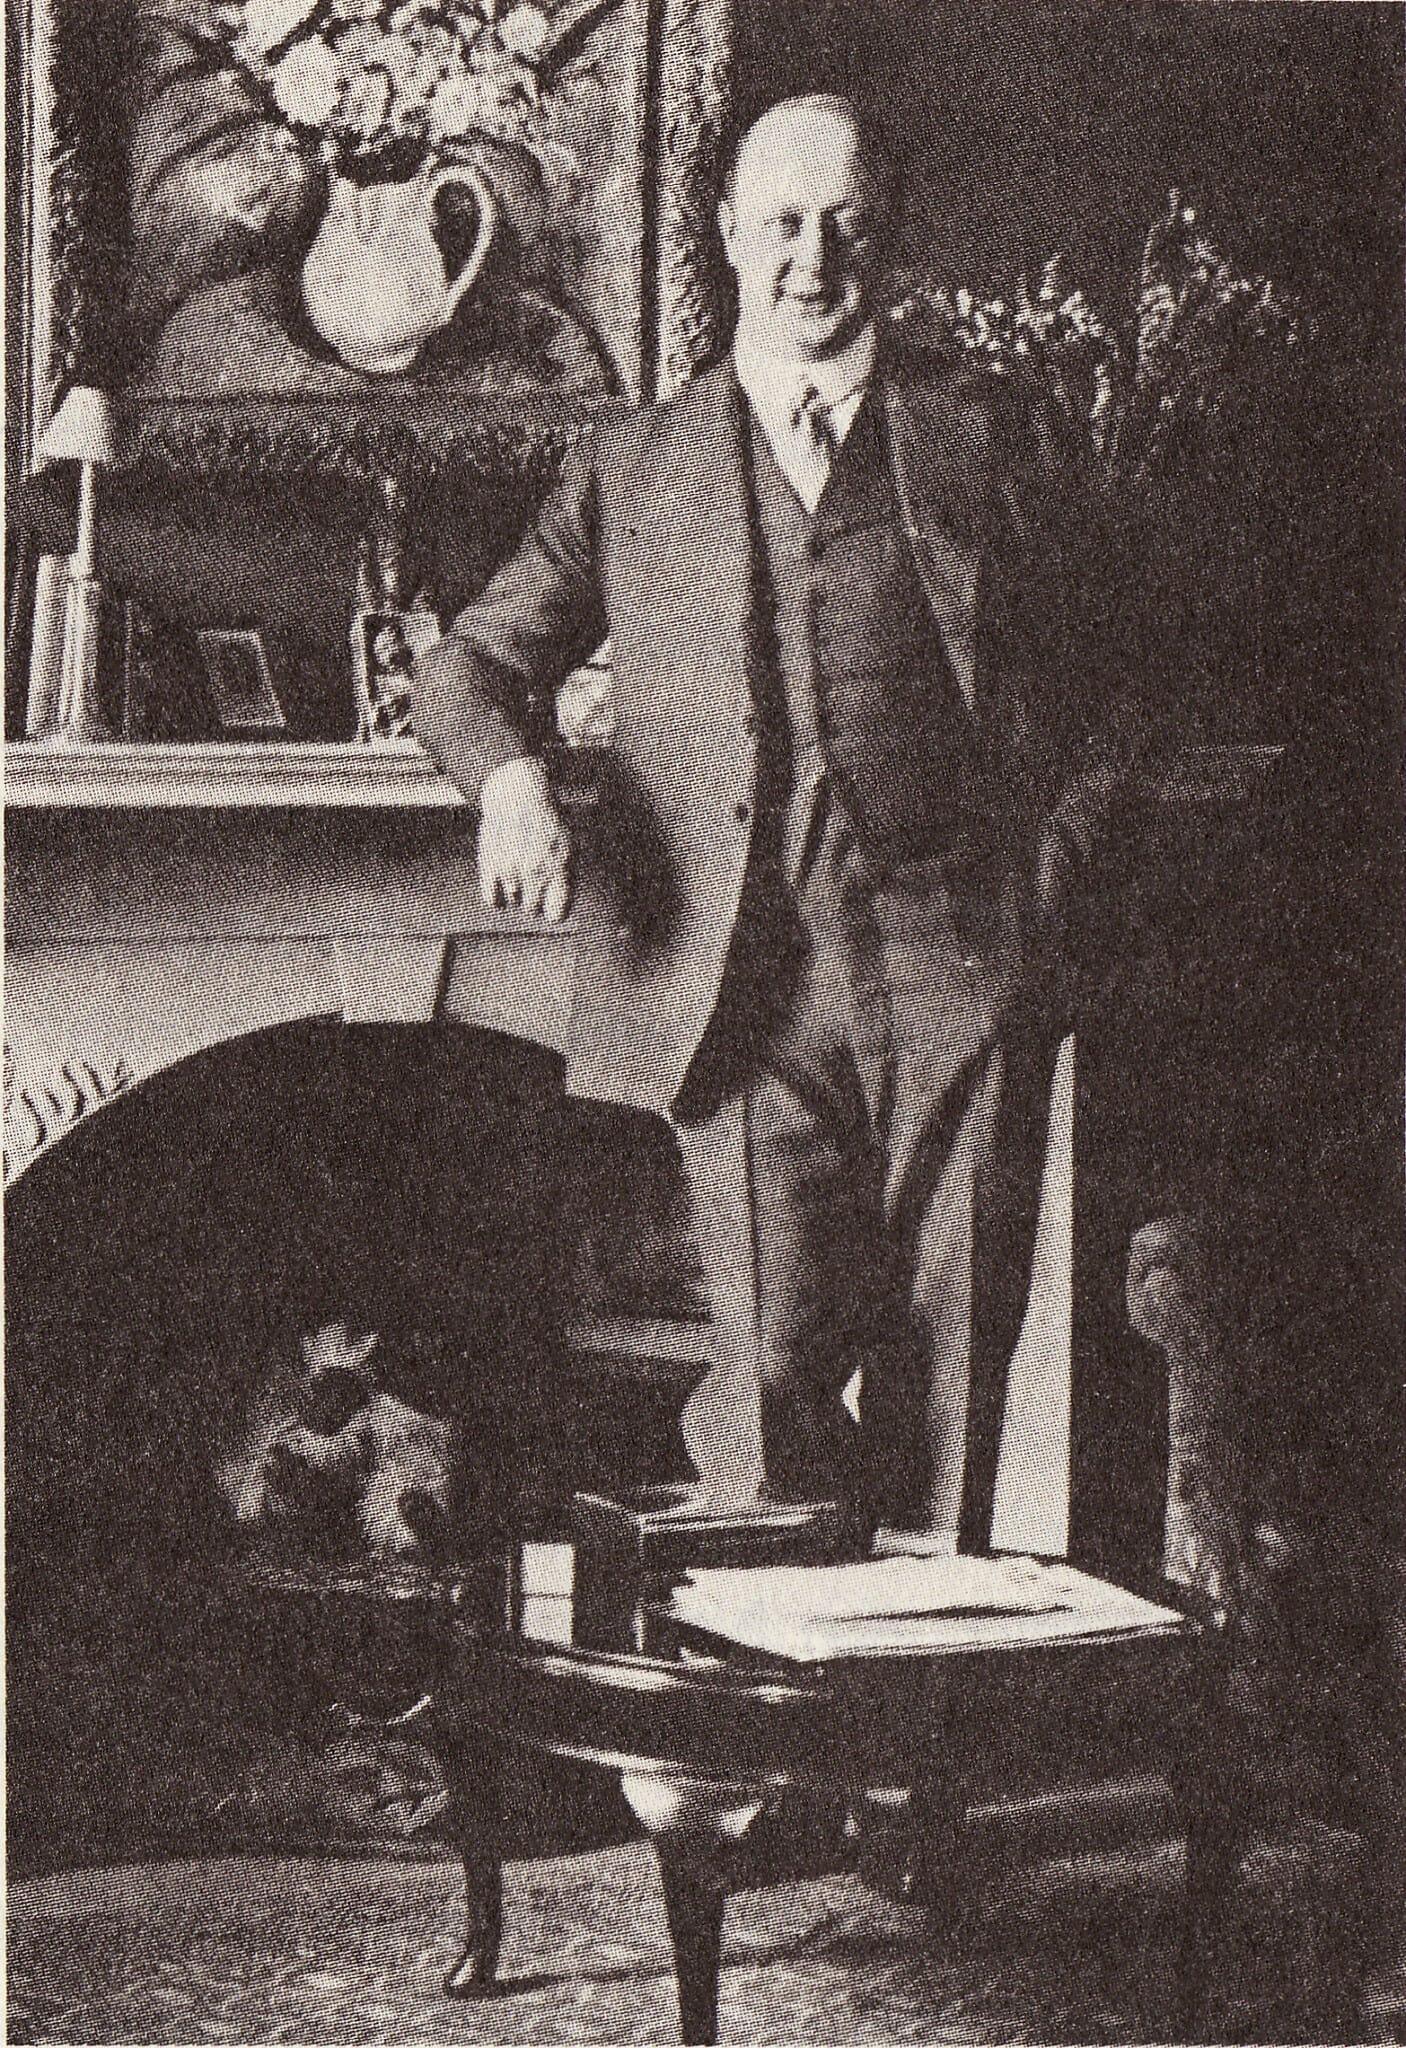 אלברכט פון ברנשטרוף-שטינטנבורג (צילום: רשות הציבור)